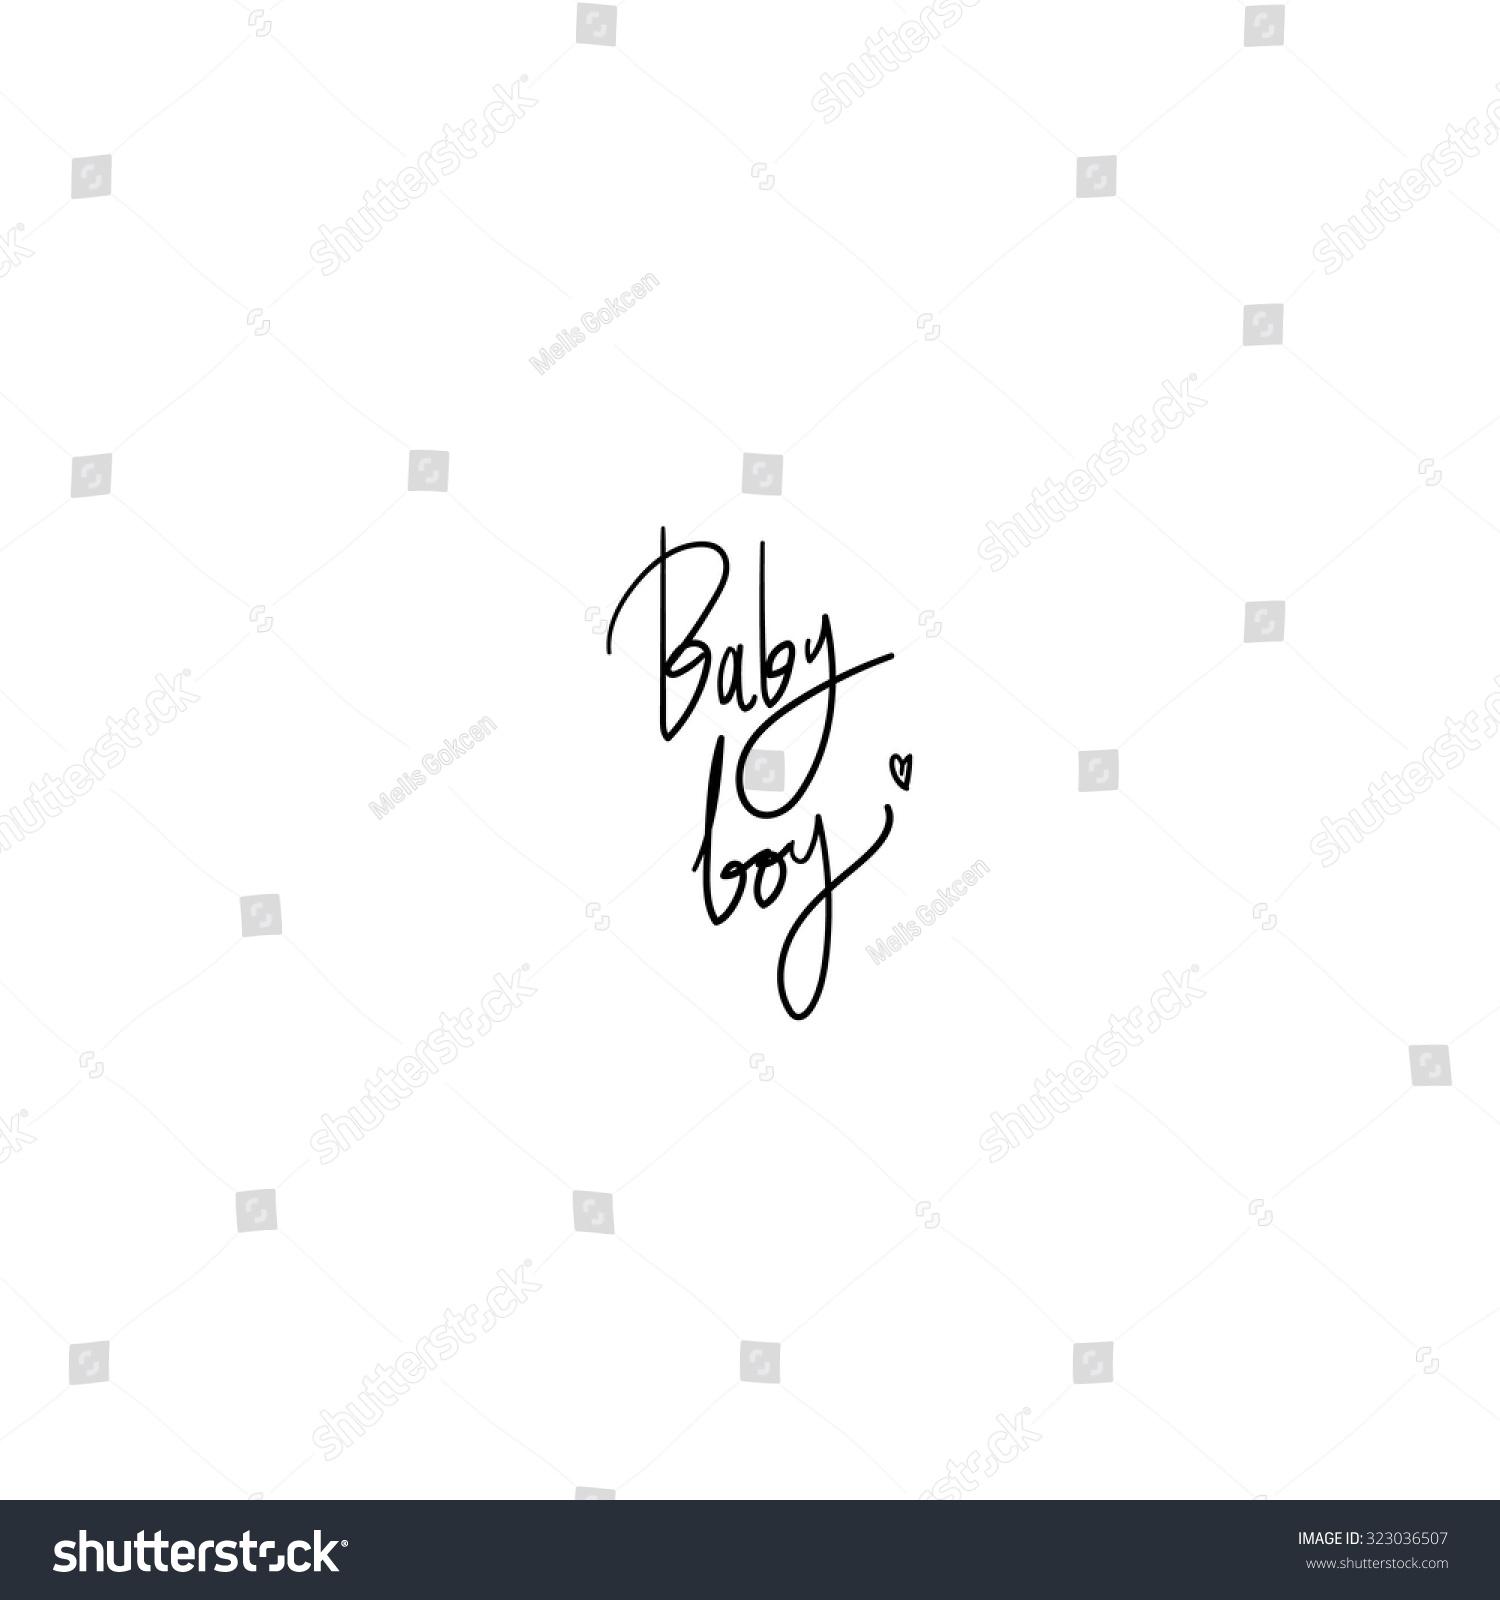 Baby boy hand written vector text stock